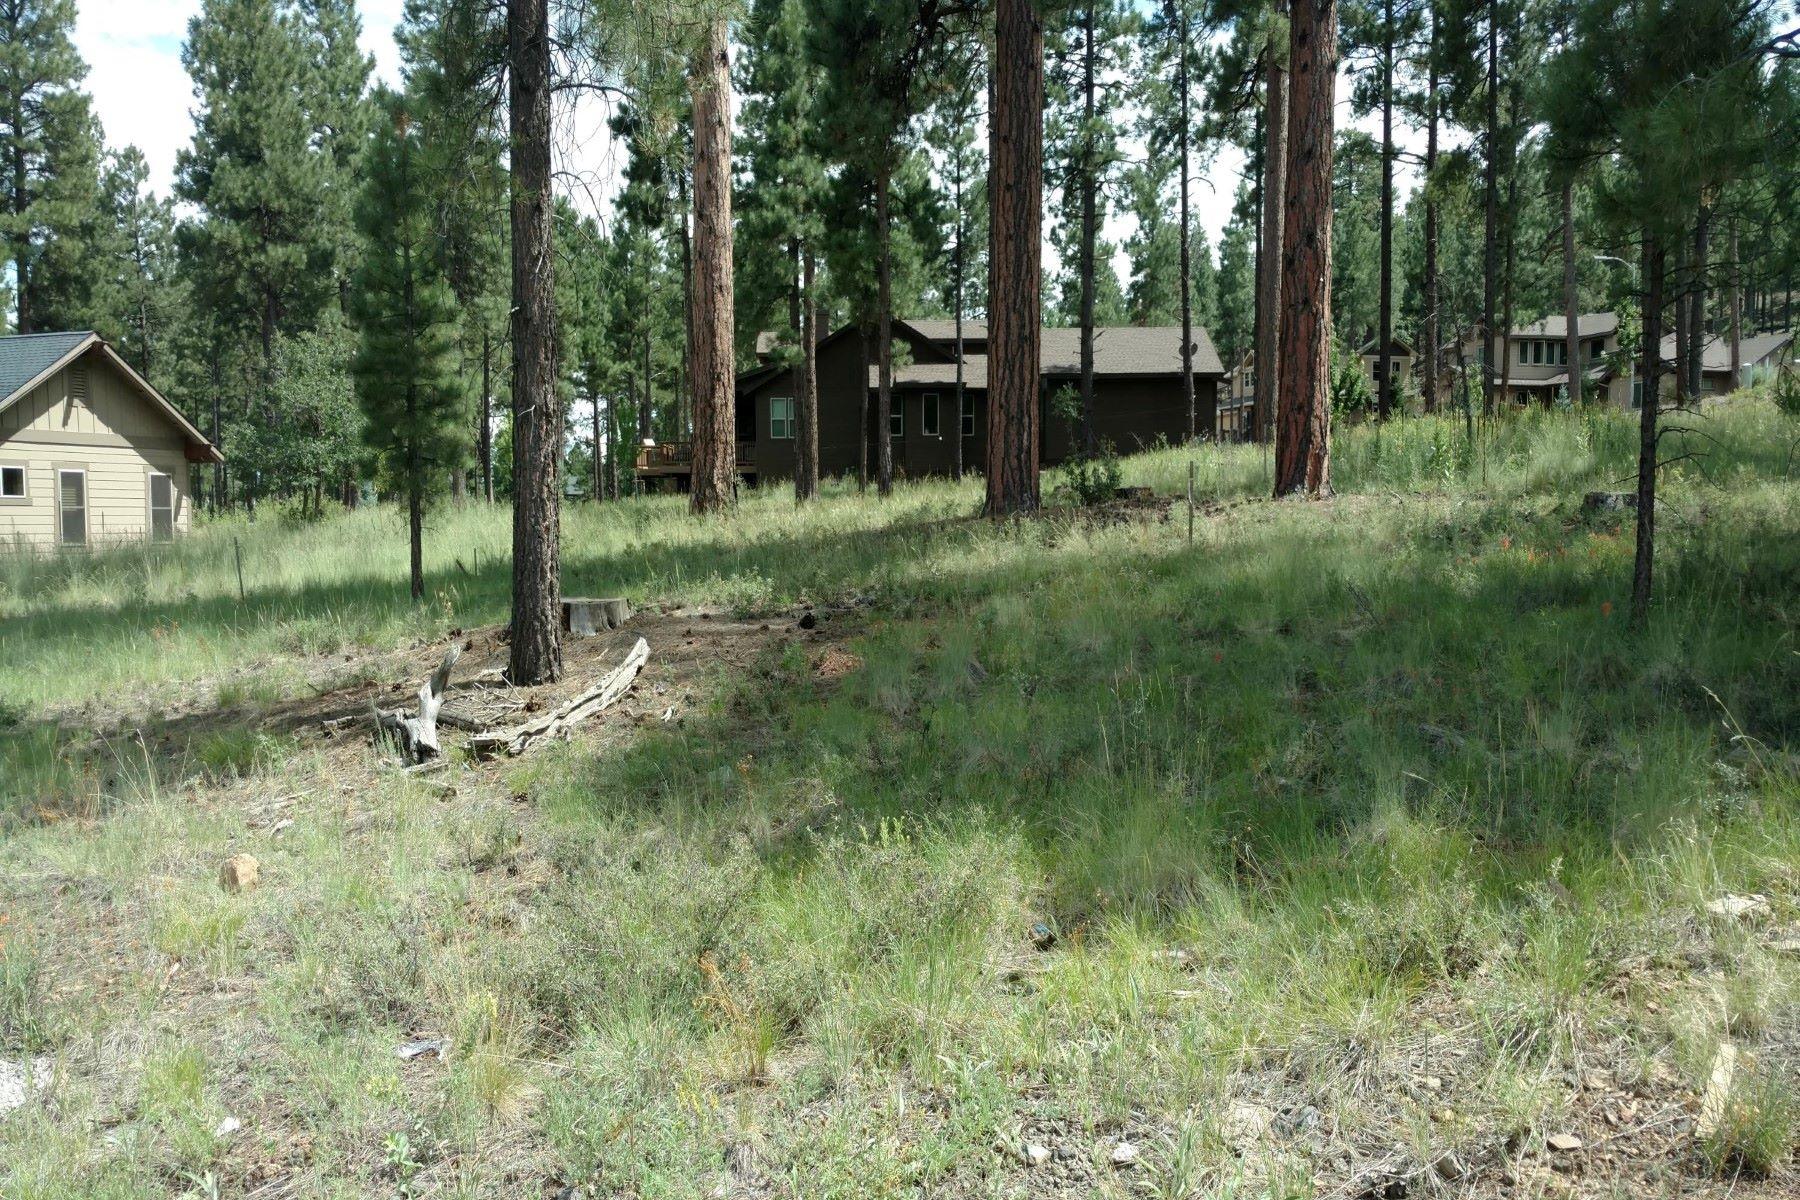 Земля для того Продажа на Corner lot in the luxury subdivision of Anasazi Ridge 2088 N Cobblestone Cir Flagstaff, Аризона, 86001 Соединенные Штаты